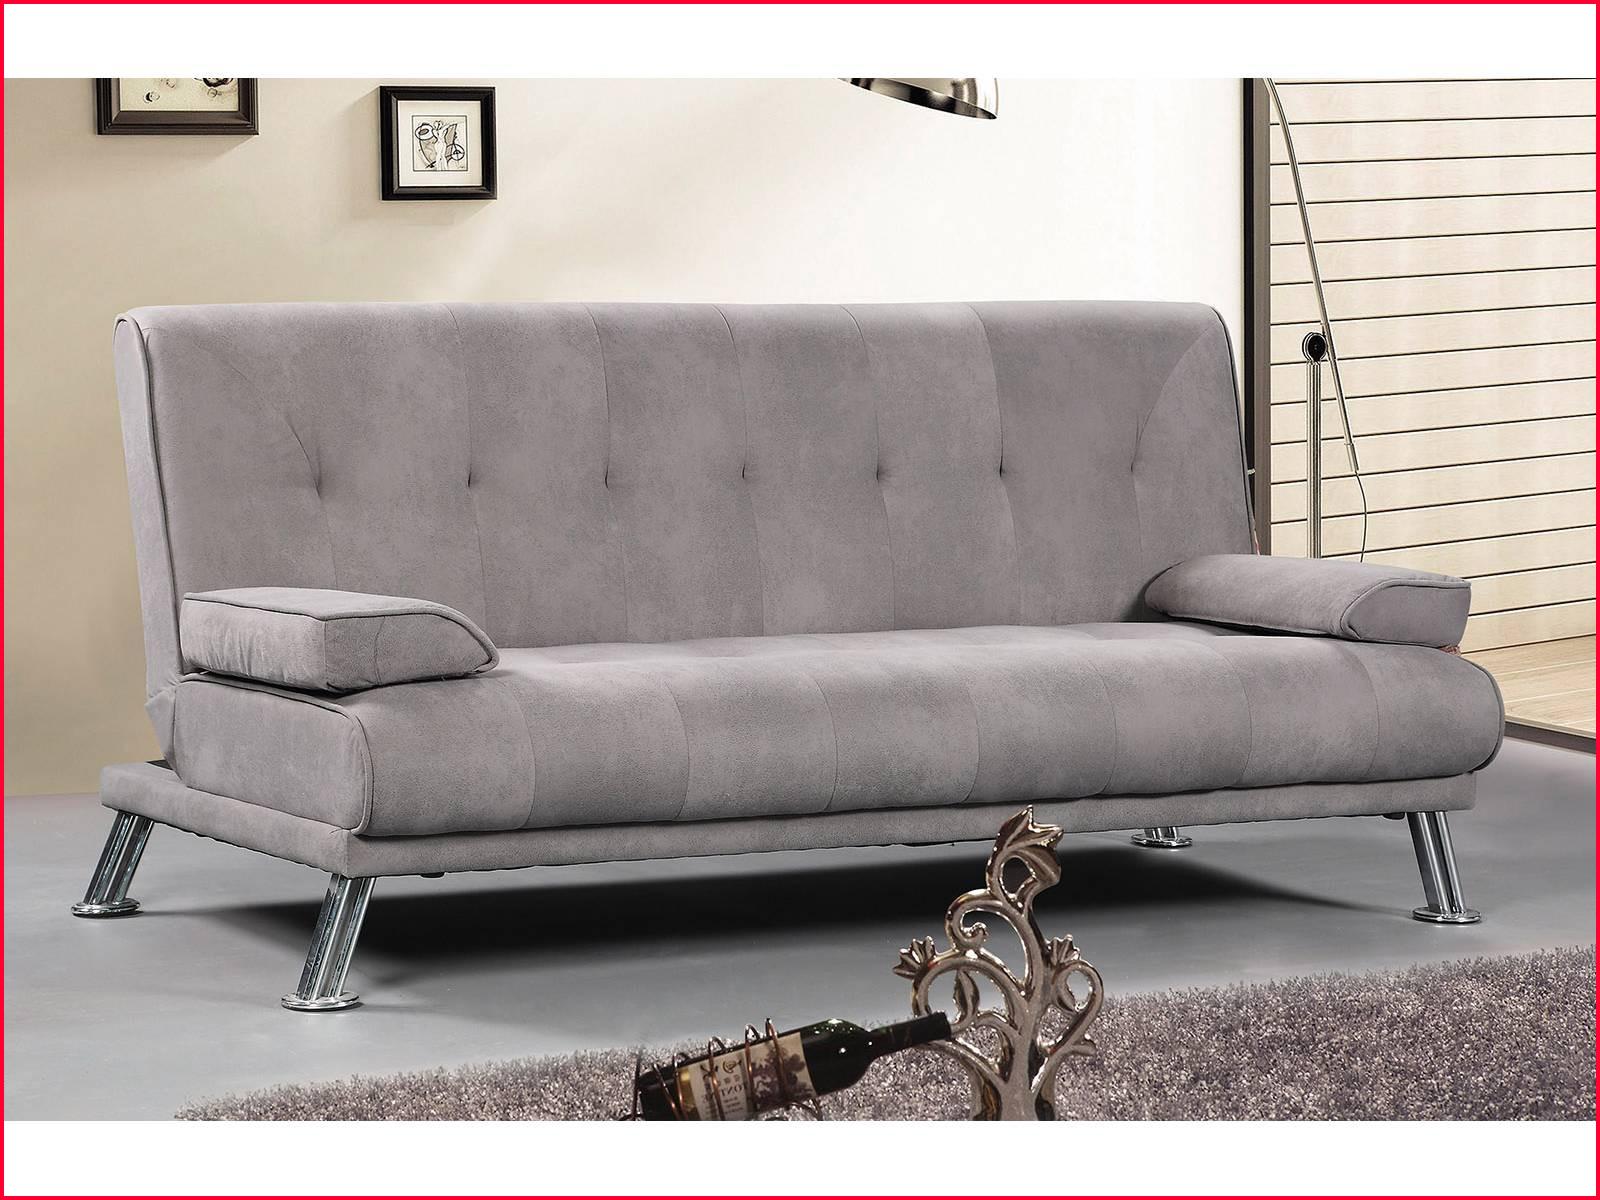 Merkamueble sofas E9dx Hermoso sofas Cama Merkamueble Fotos De Cama Diseà O Cama Ideas